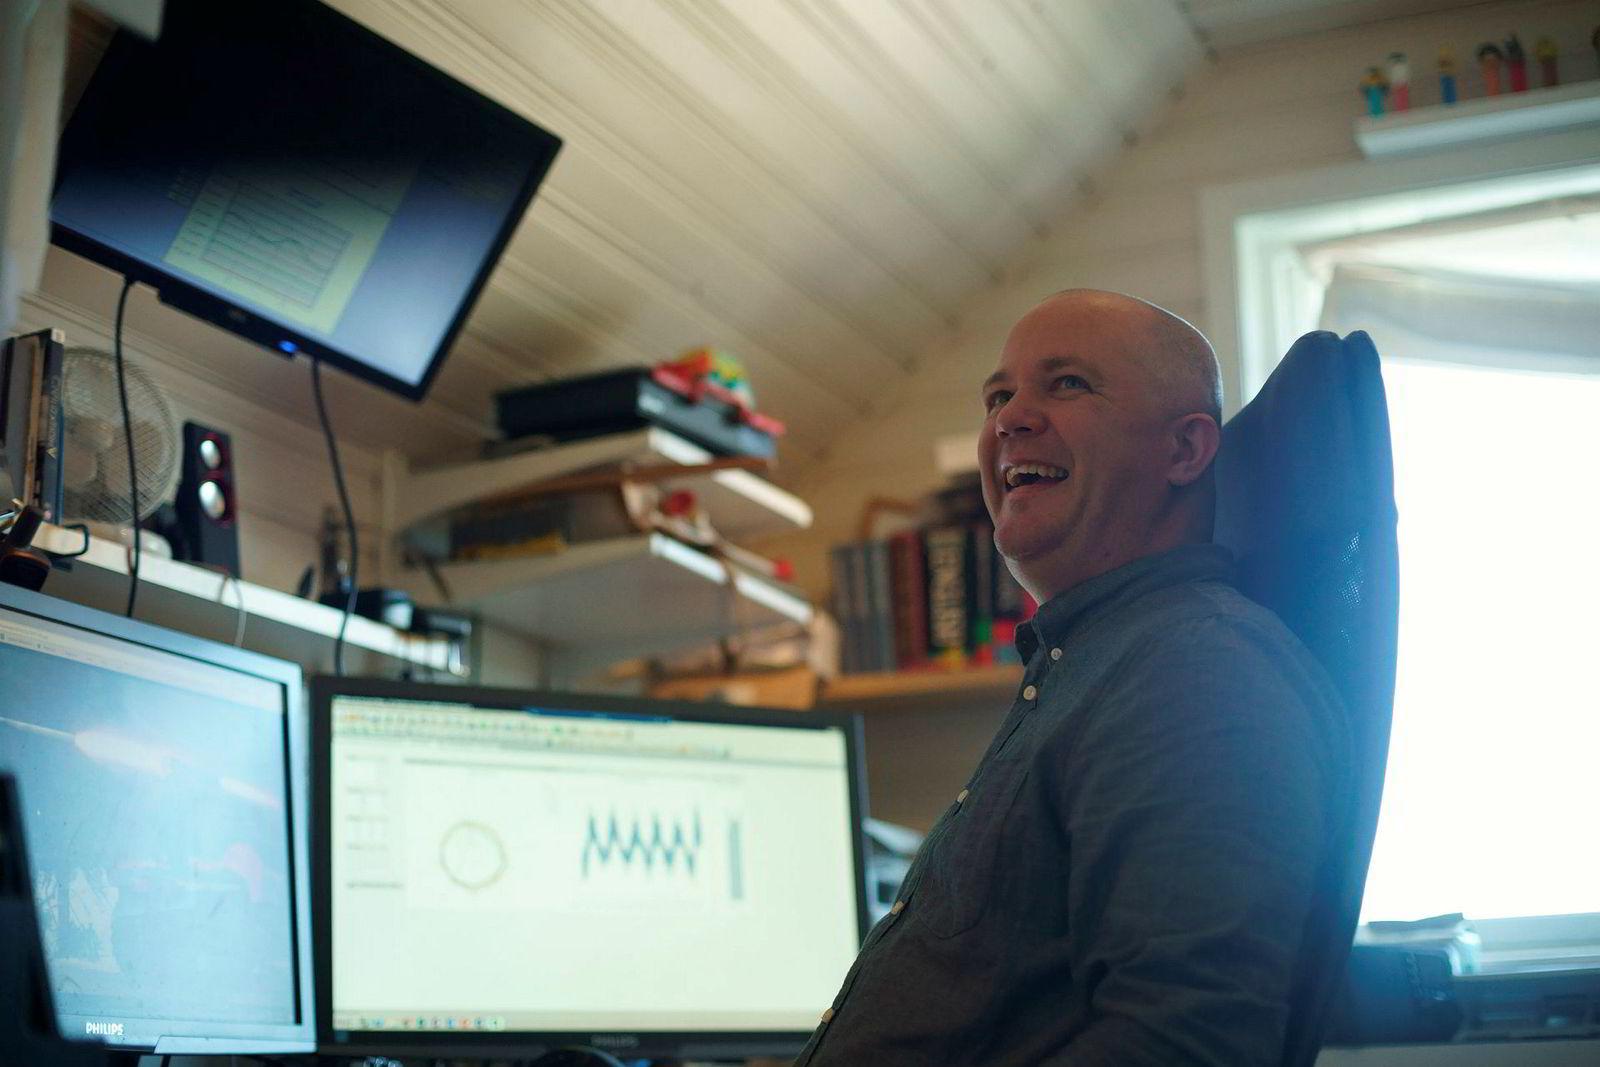 – Huff, her ser det ikke ut, sier Hans Erik Raustein fra «kontrollrommet» hjemme i rekkehuset på Ålgård. Herfra kan ingeniøren styre komponentene i sitt eget smarthus.